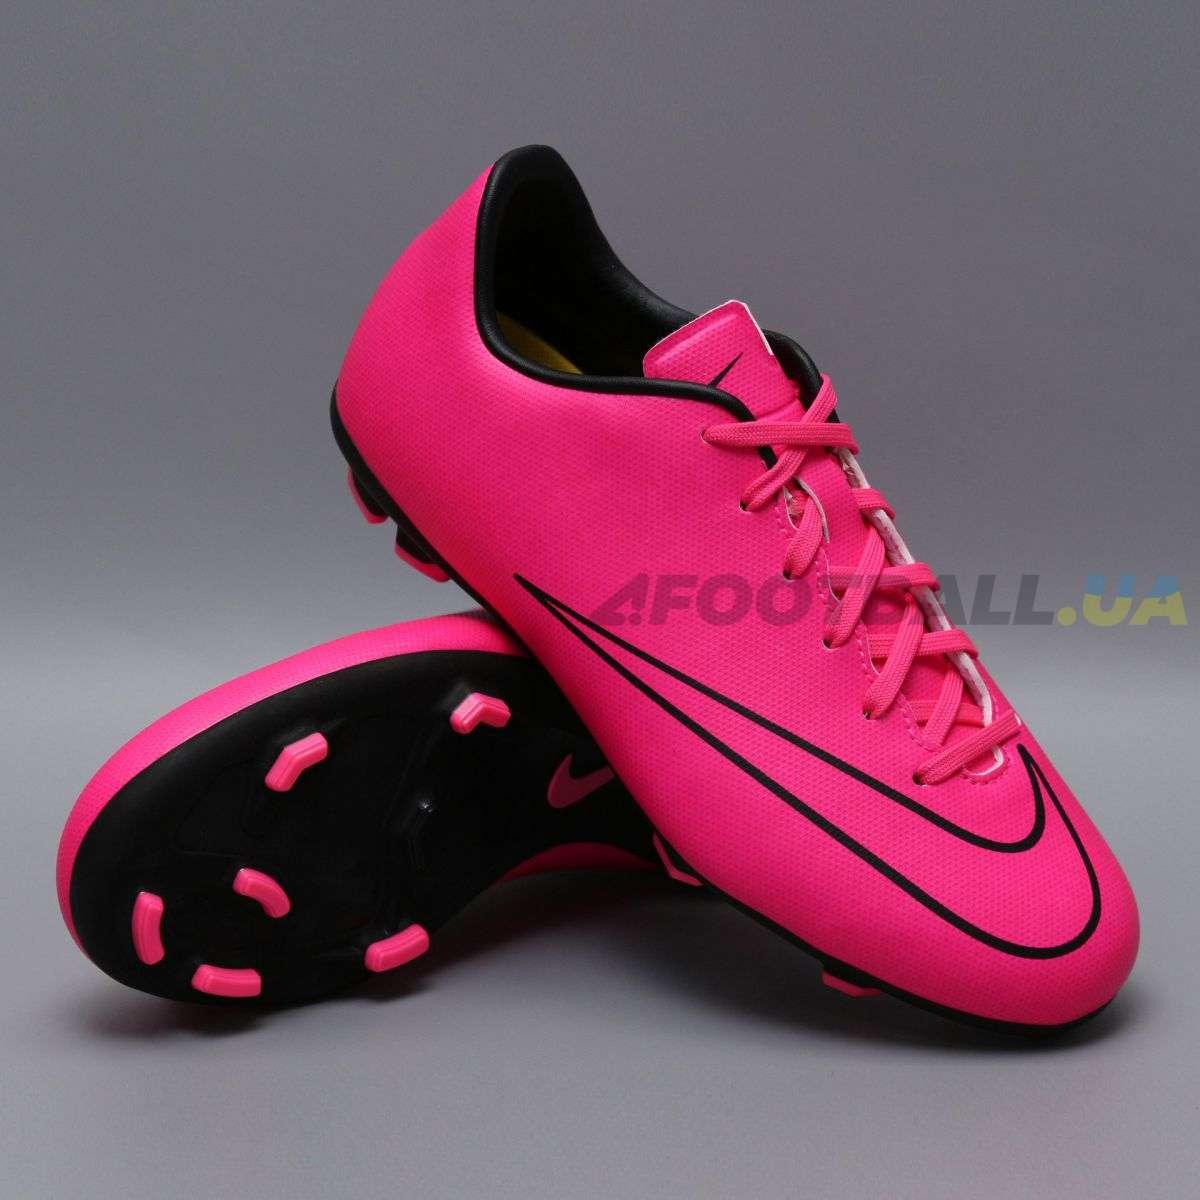 Детские бутсы — купить спортивную обувь для детей в интернет ... 22e4e745285